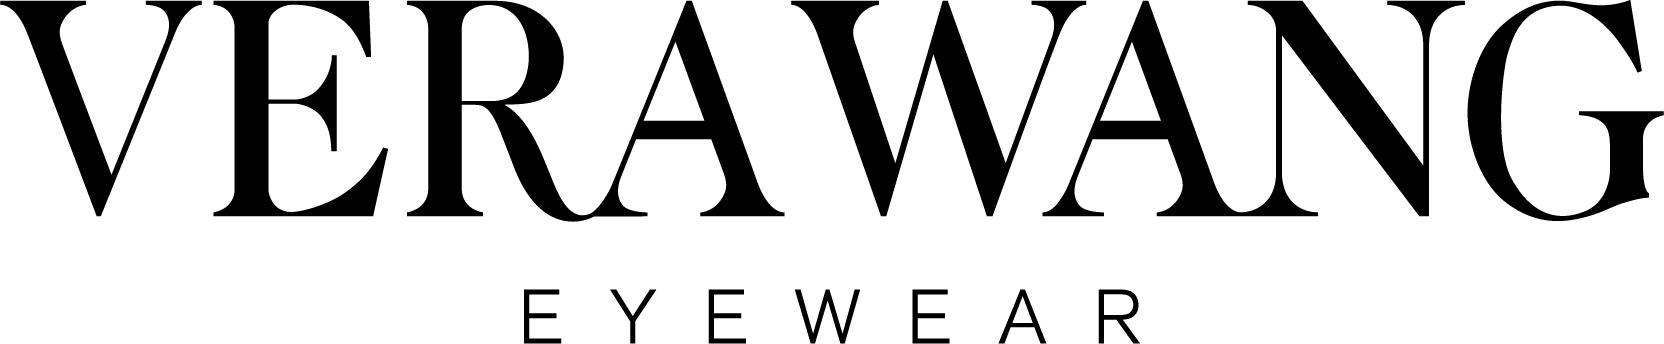 Verawang-Eyewear-logo.jpg